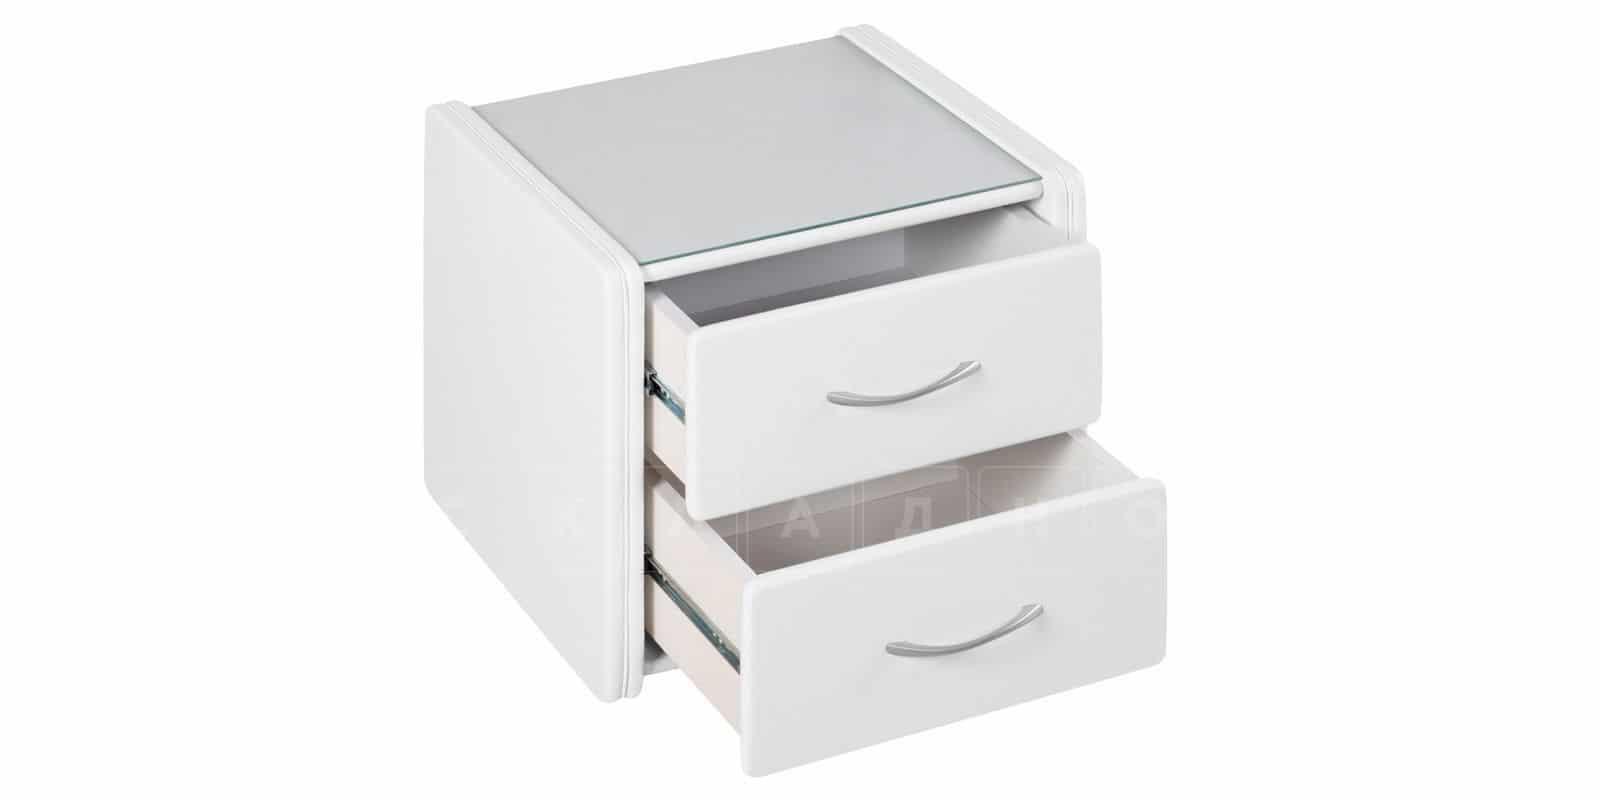 Прикроватная тумба Малибу 2 ящика с прямыми фасадами фото 3 | интернет-магазин Складно